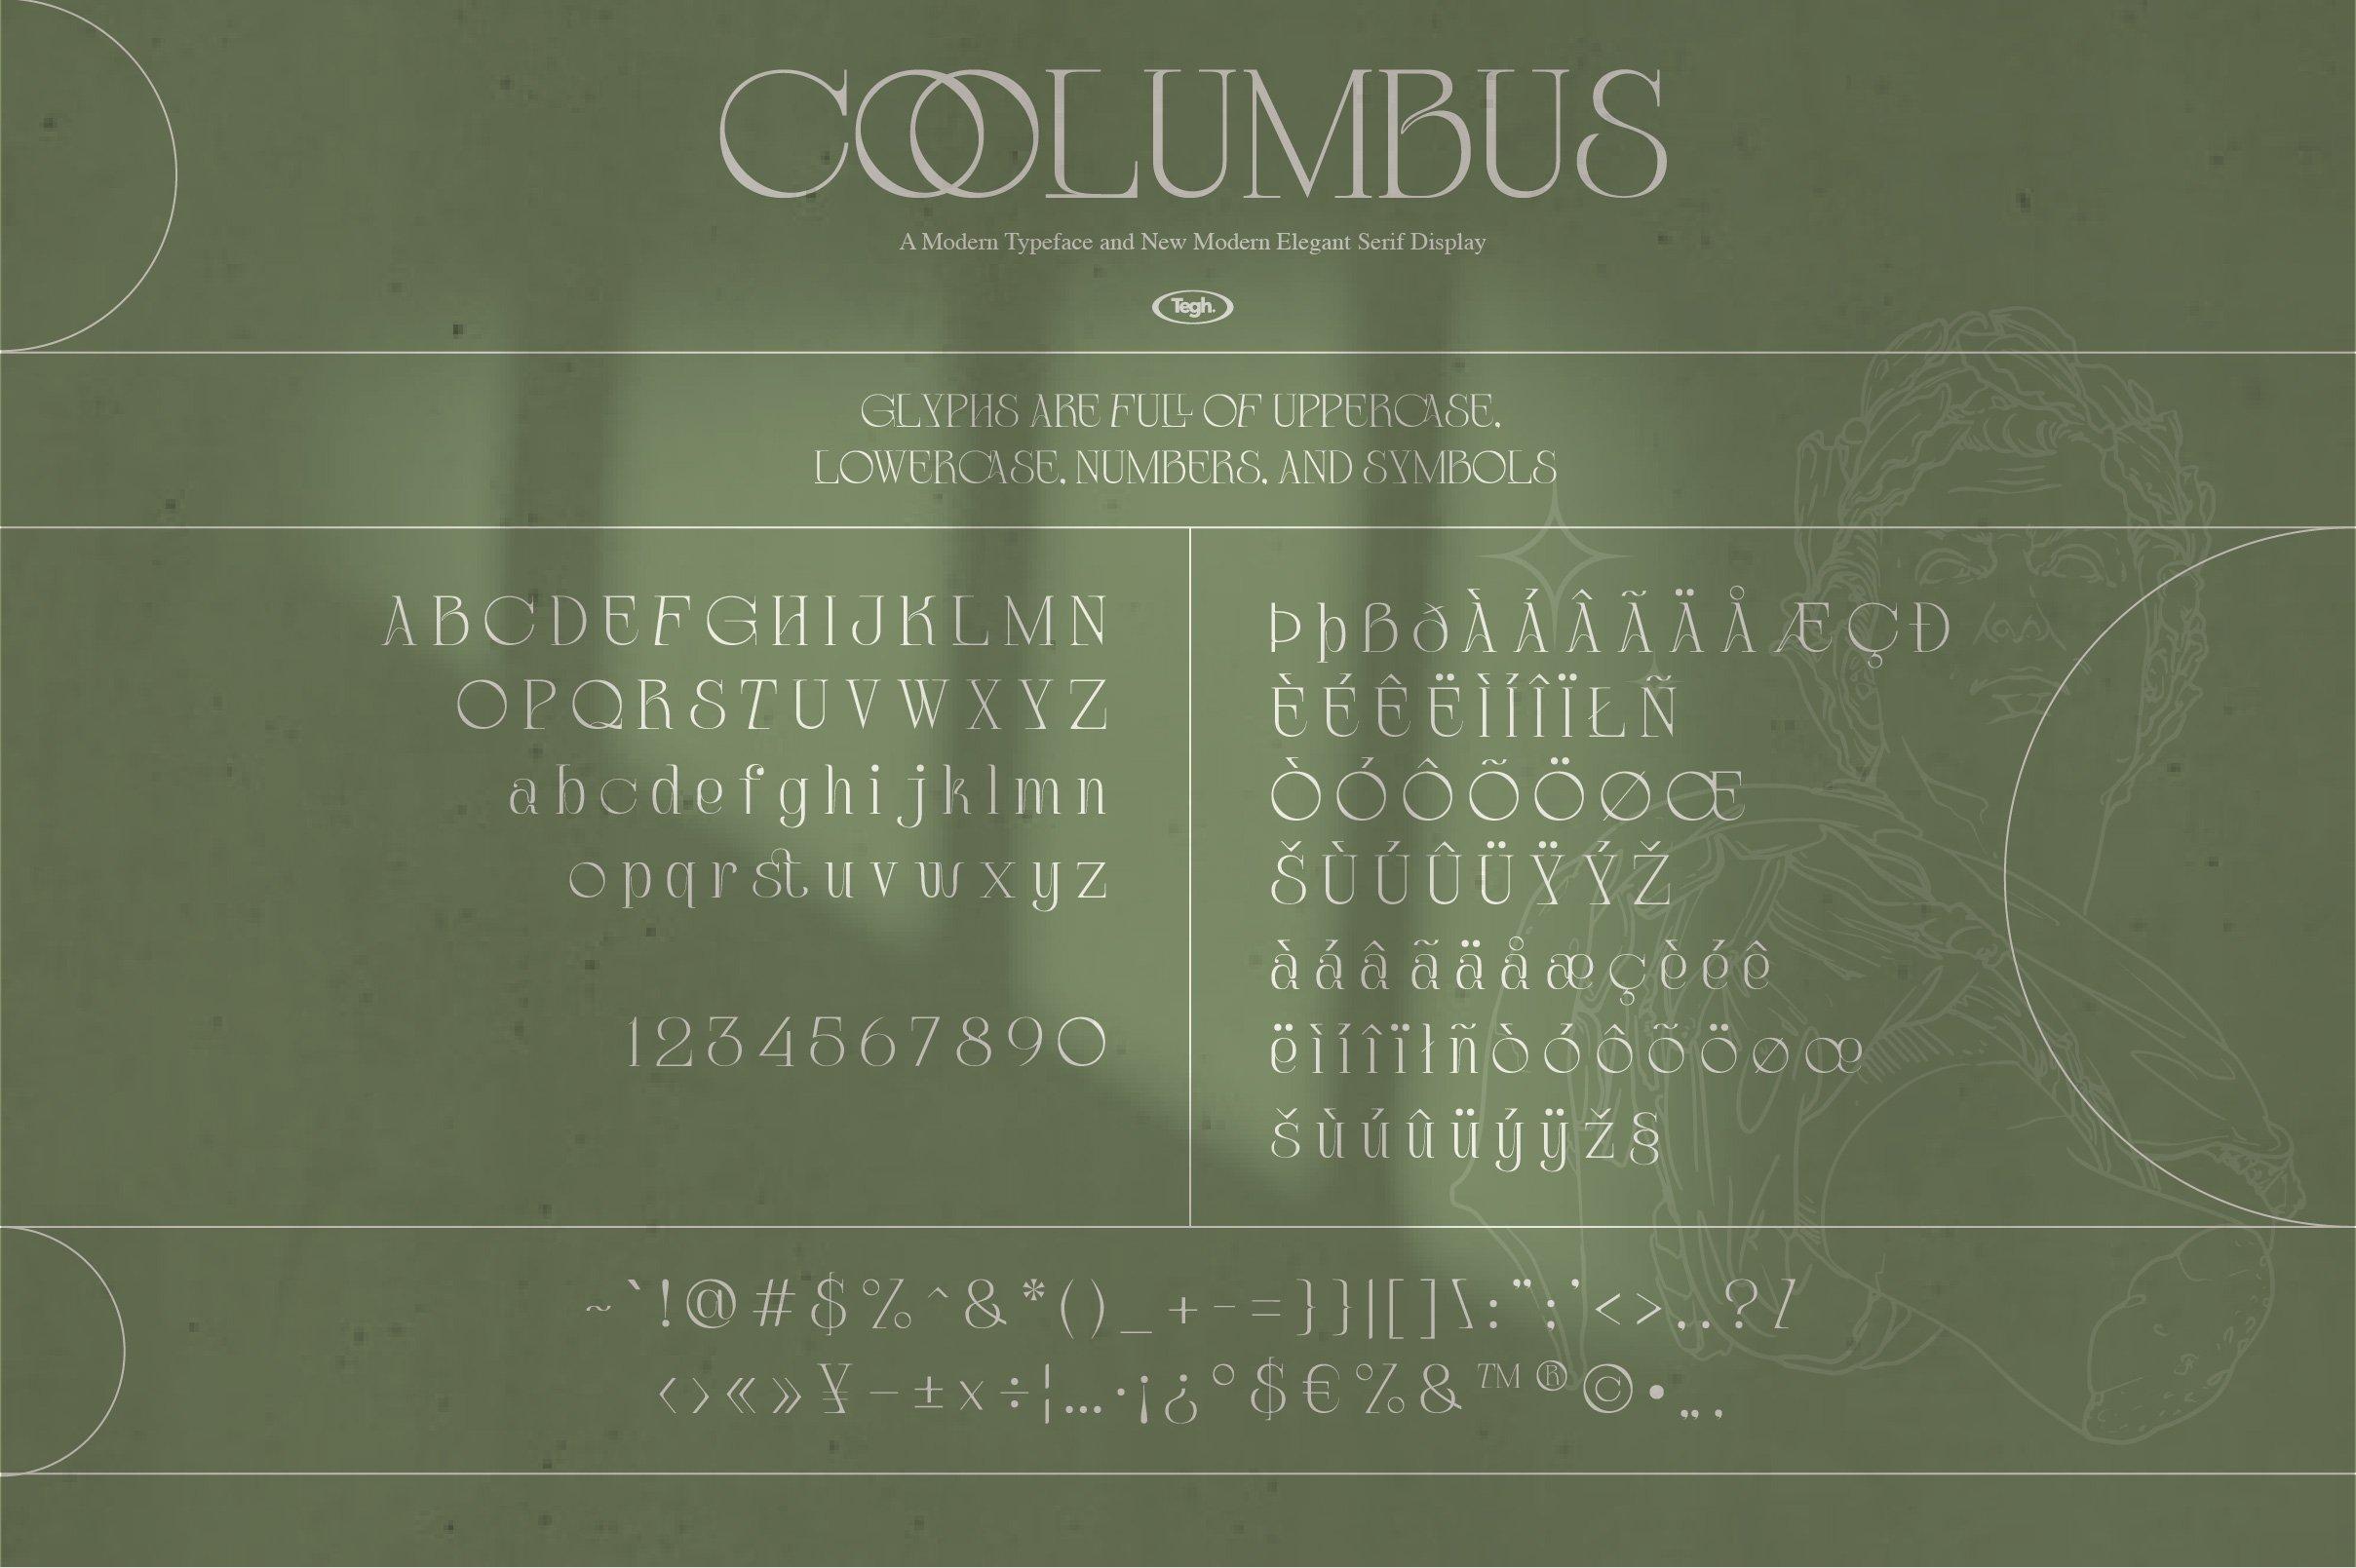 优雅复古杂志海报标题徽标Logo设计衬线英文字体素材 Coolumbus Modern Serif Font插图10